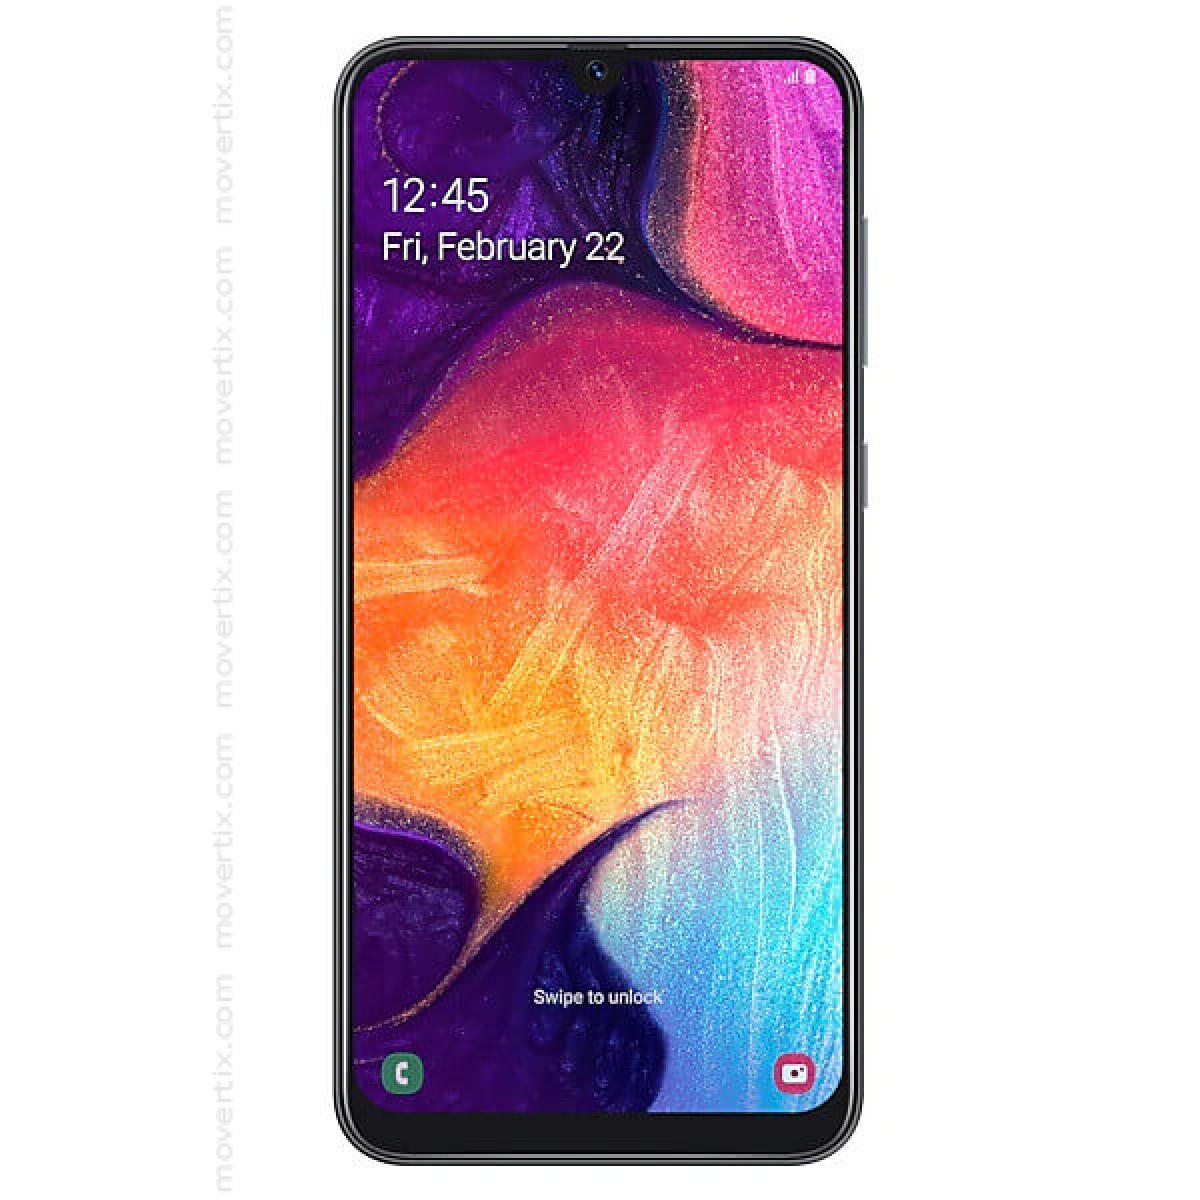 Samsung Galaxy A50 Dual SIM Black 128GB and 4GB RAM